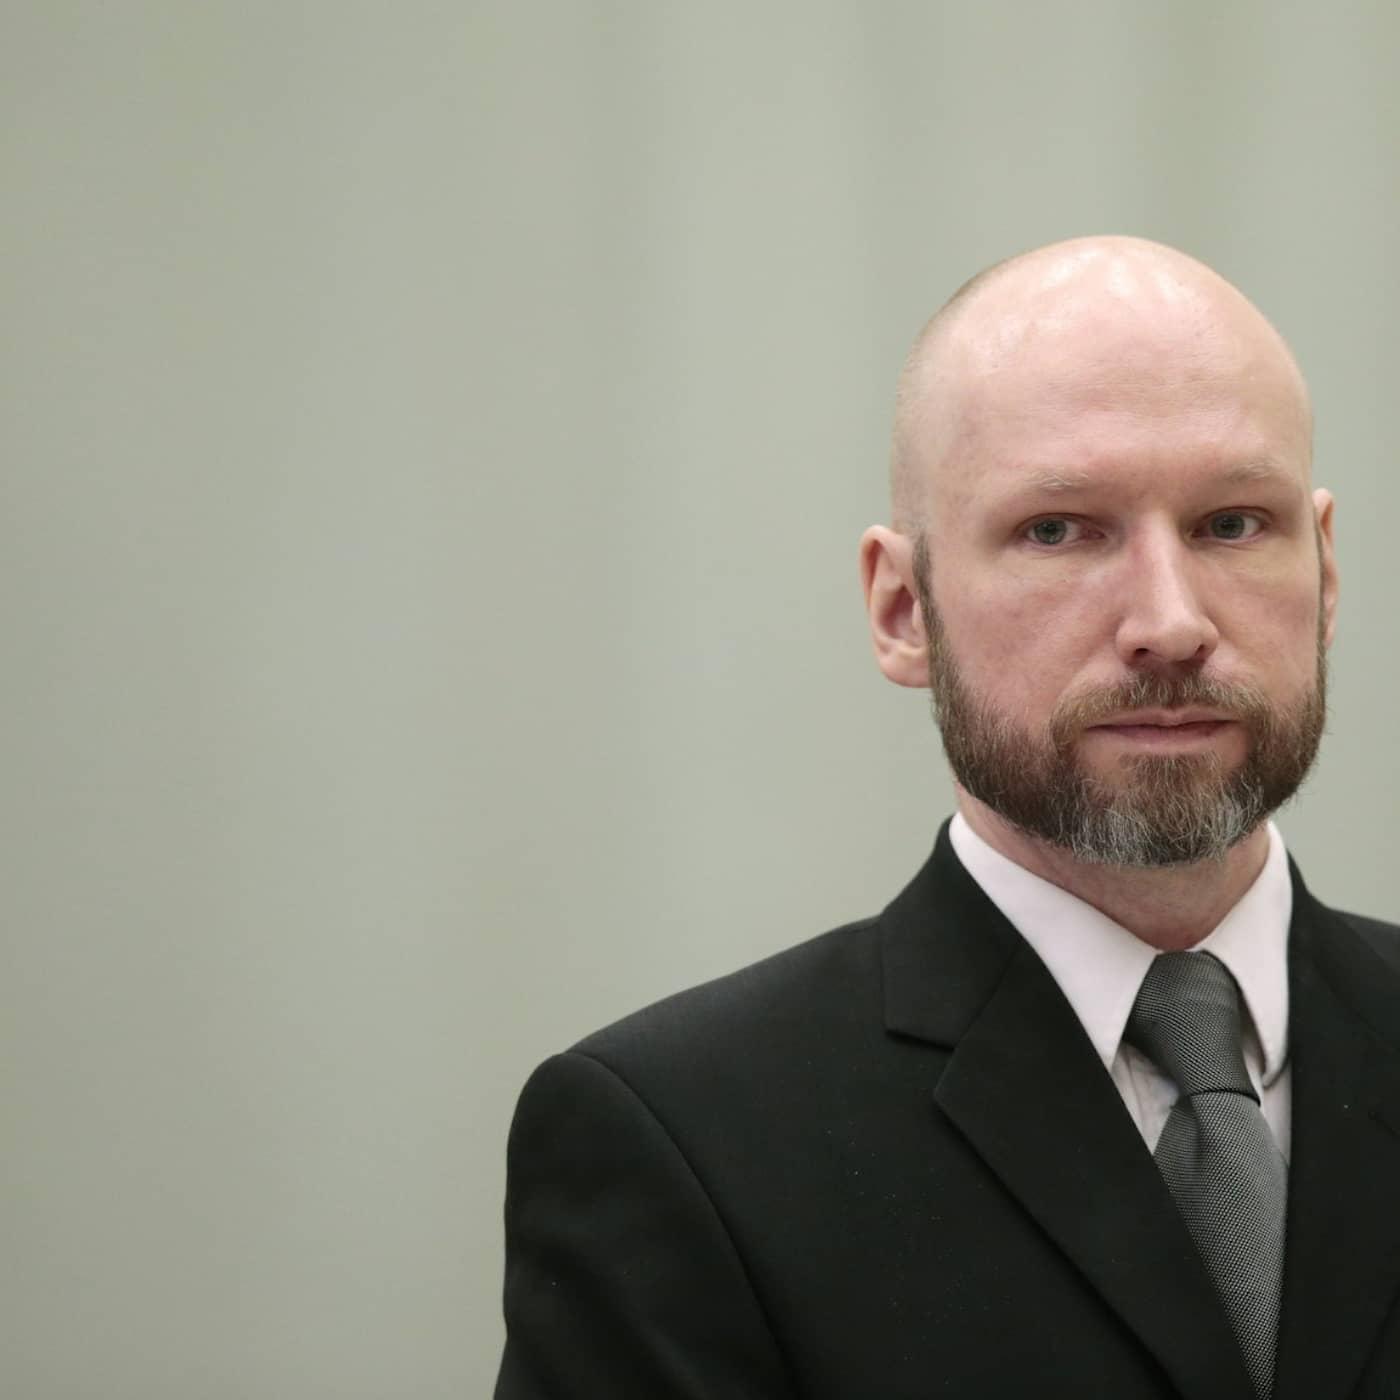 Nya medier som vuxit under coronakrisen, Om norsk offentlighetslag och Breiviks brev, Sommarserien: Daphne Galizia och Panamaläckan